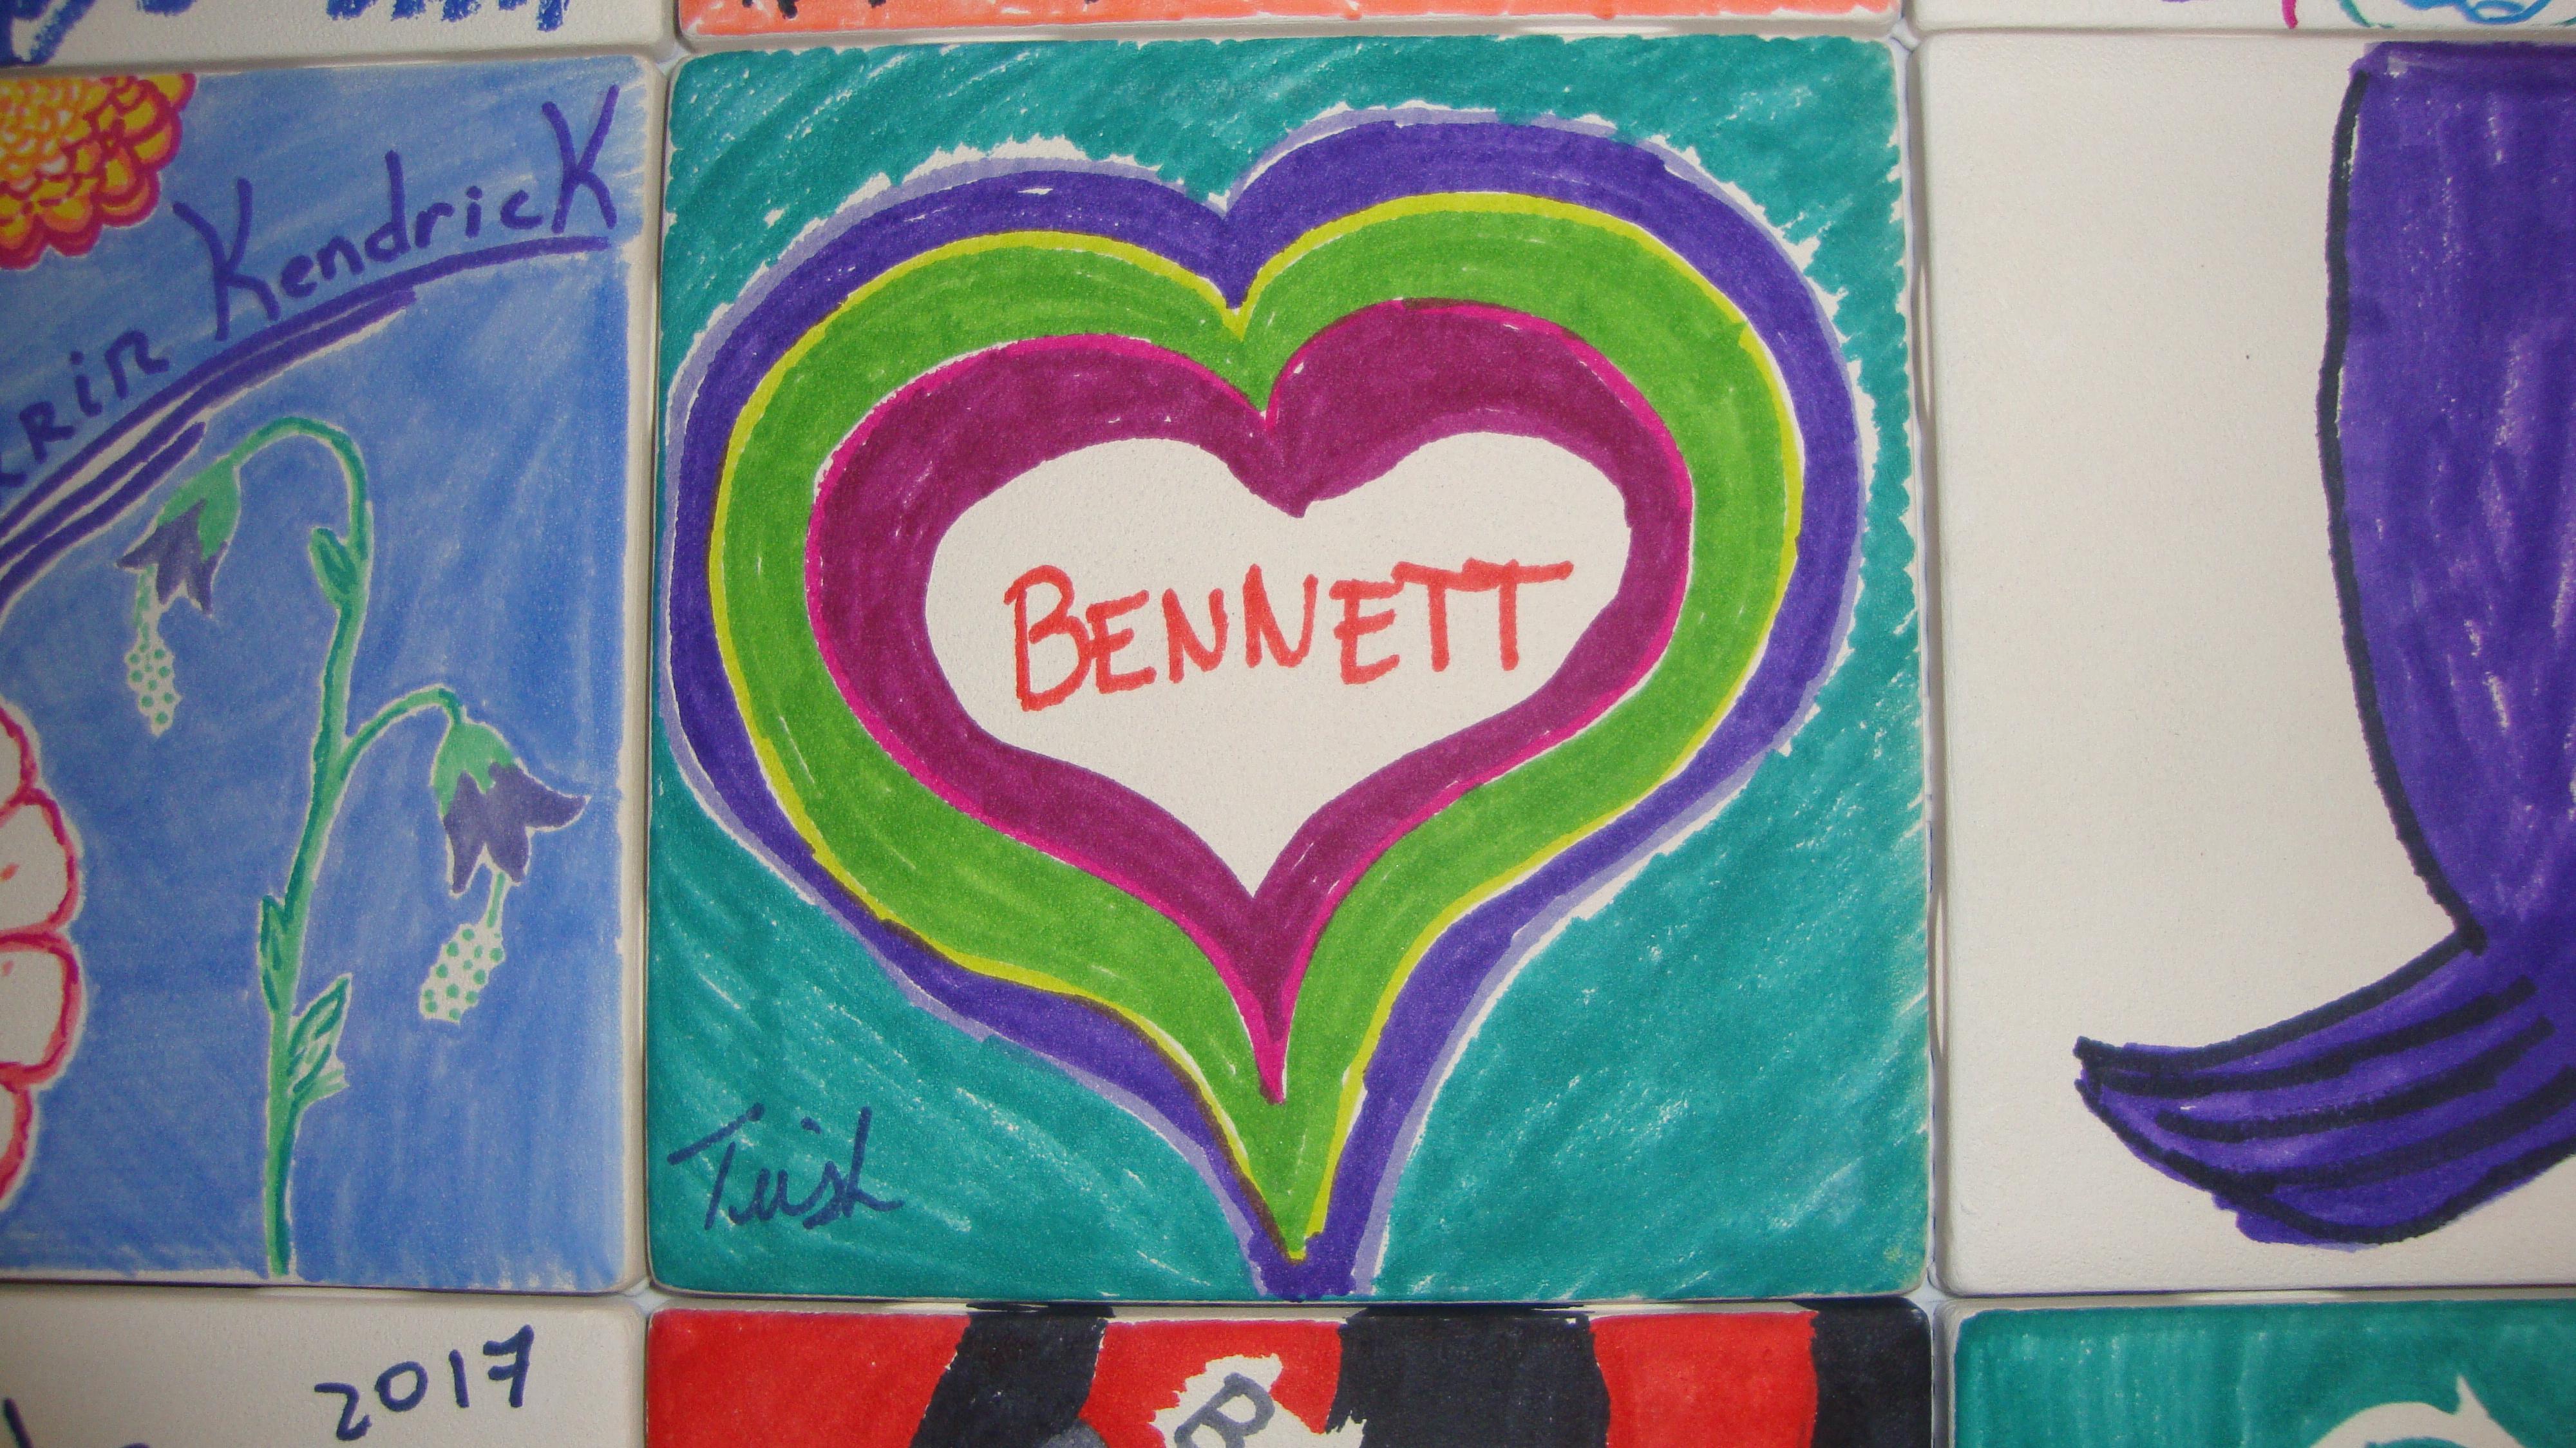 Bennett heart